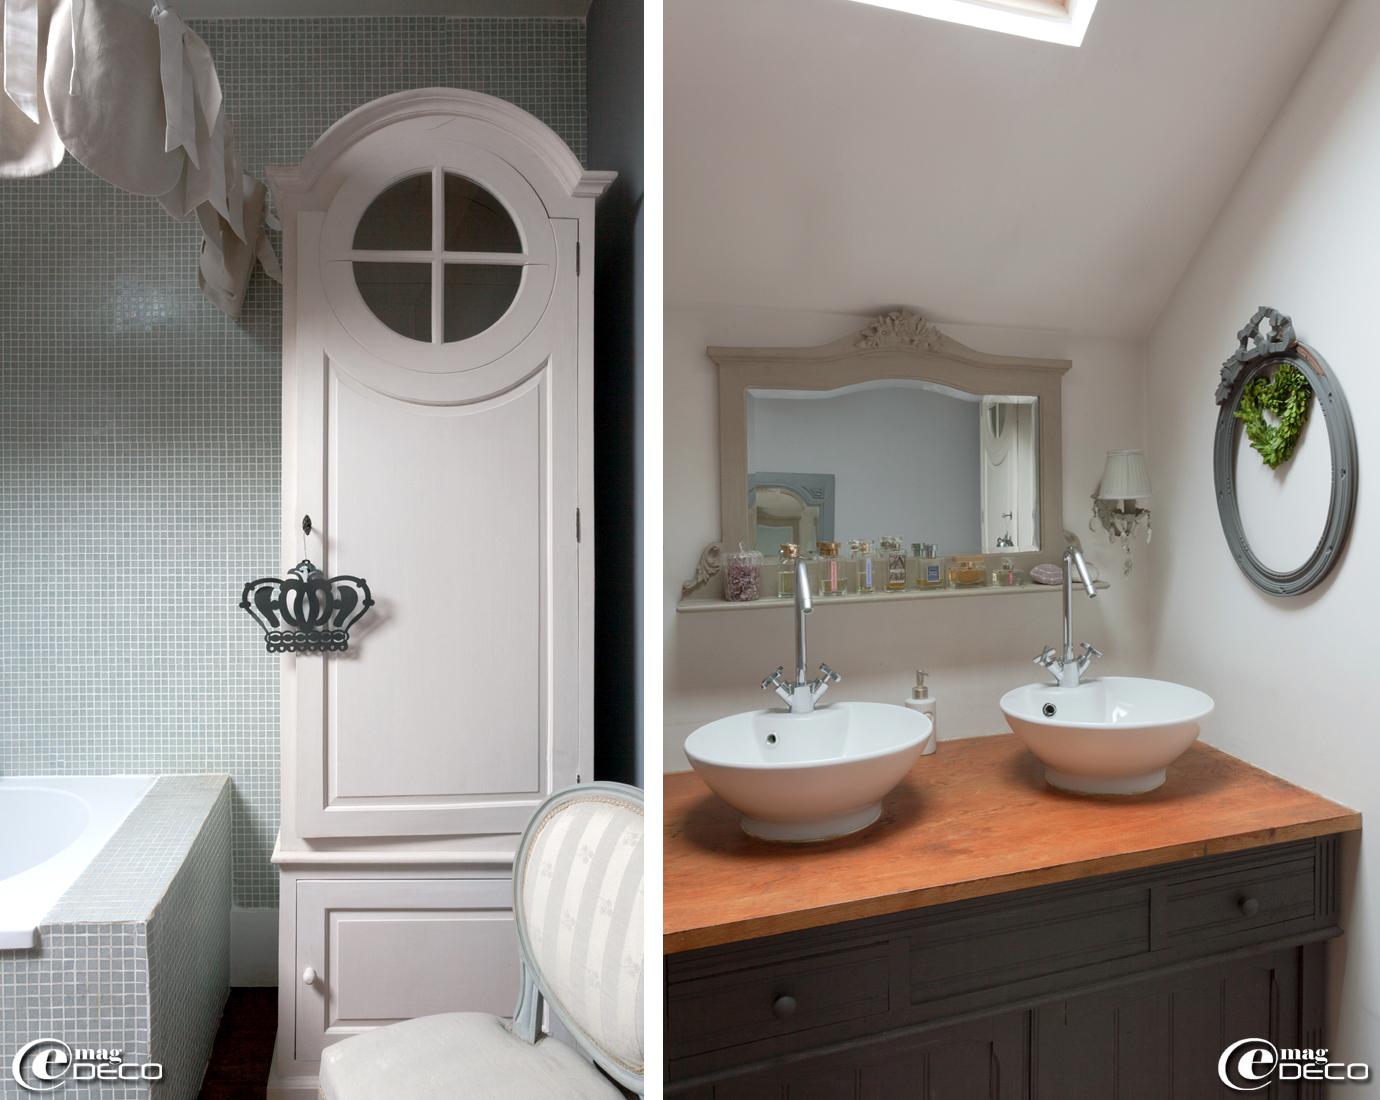 la vie en gris souris e magdeco magazine de d coration. Black Bedroom Furniture Sets. Home Design Ideas